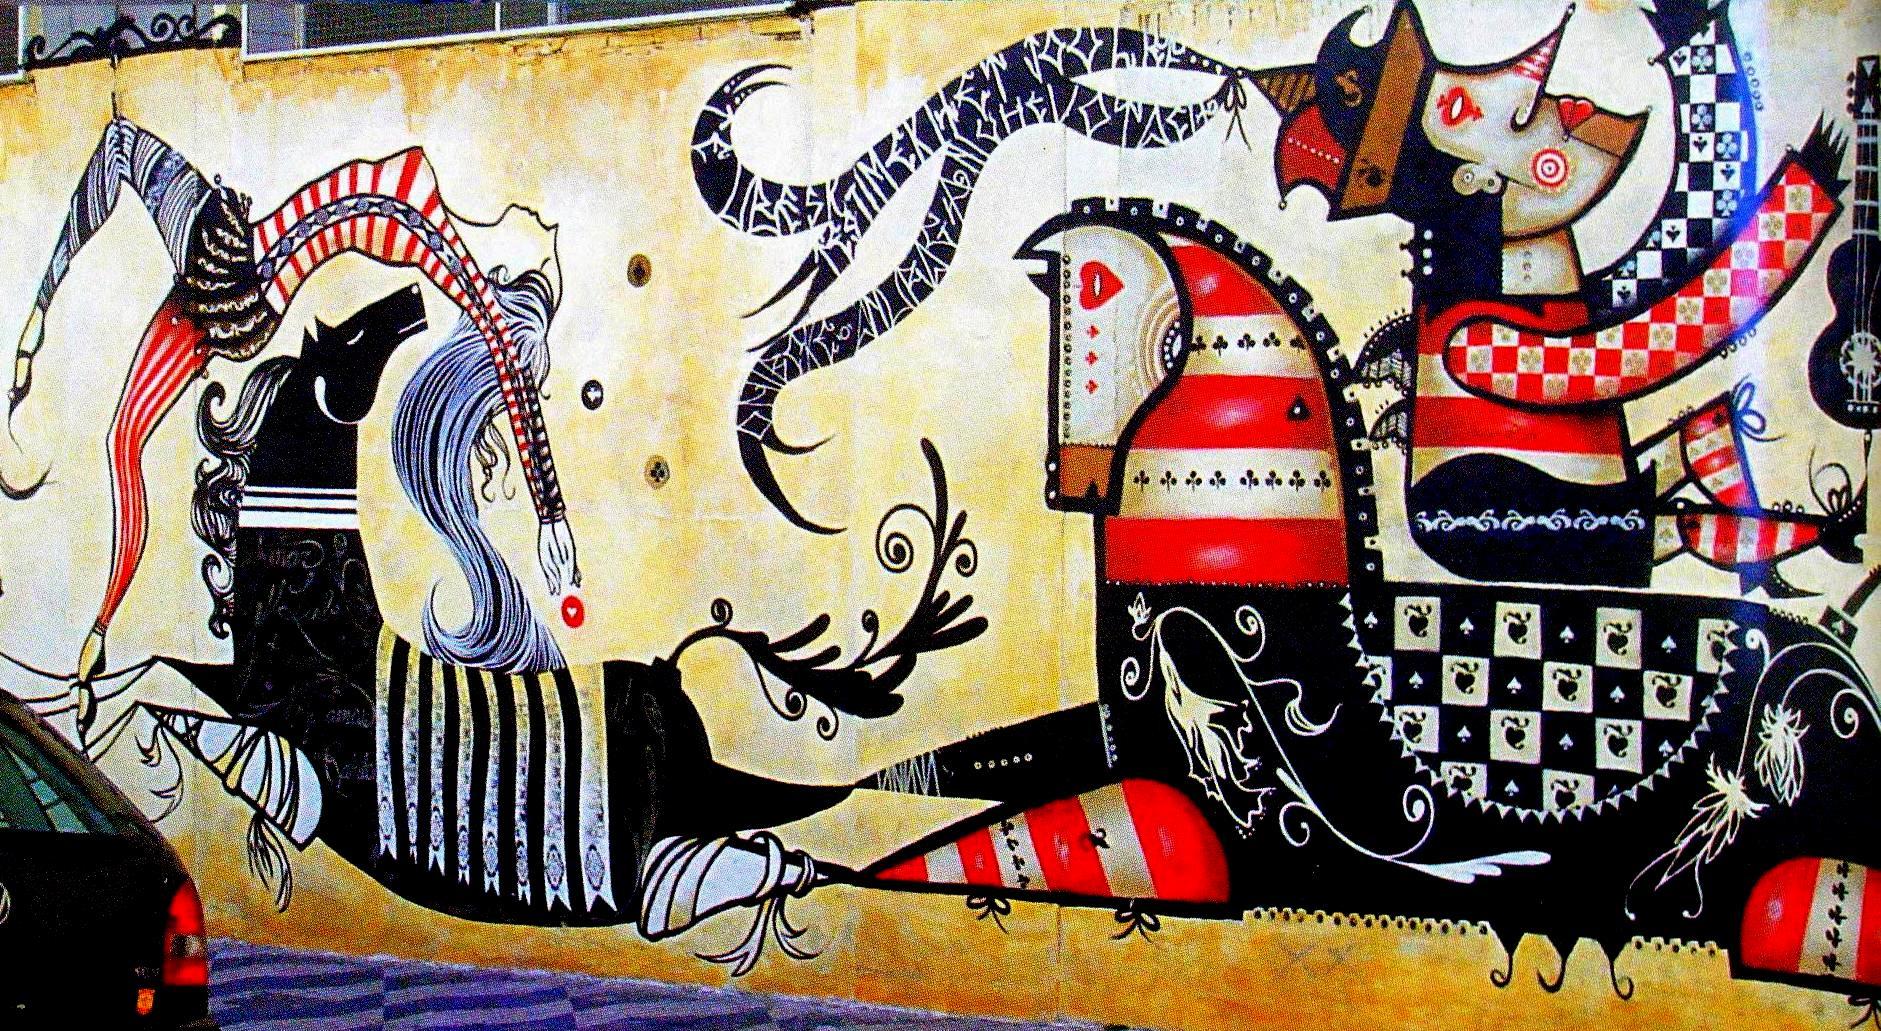 Arte de rua: mitos e conflitos